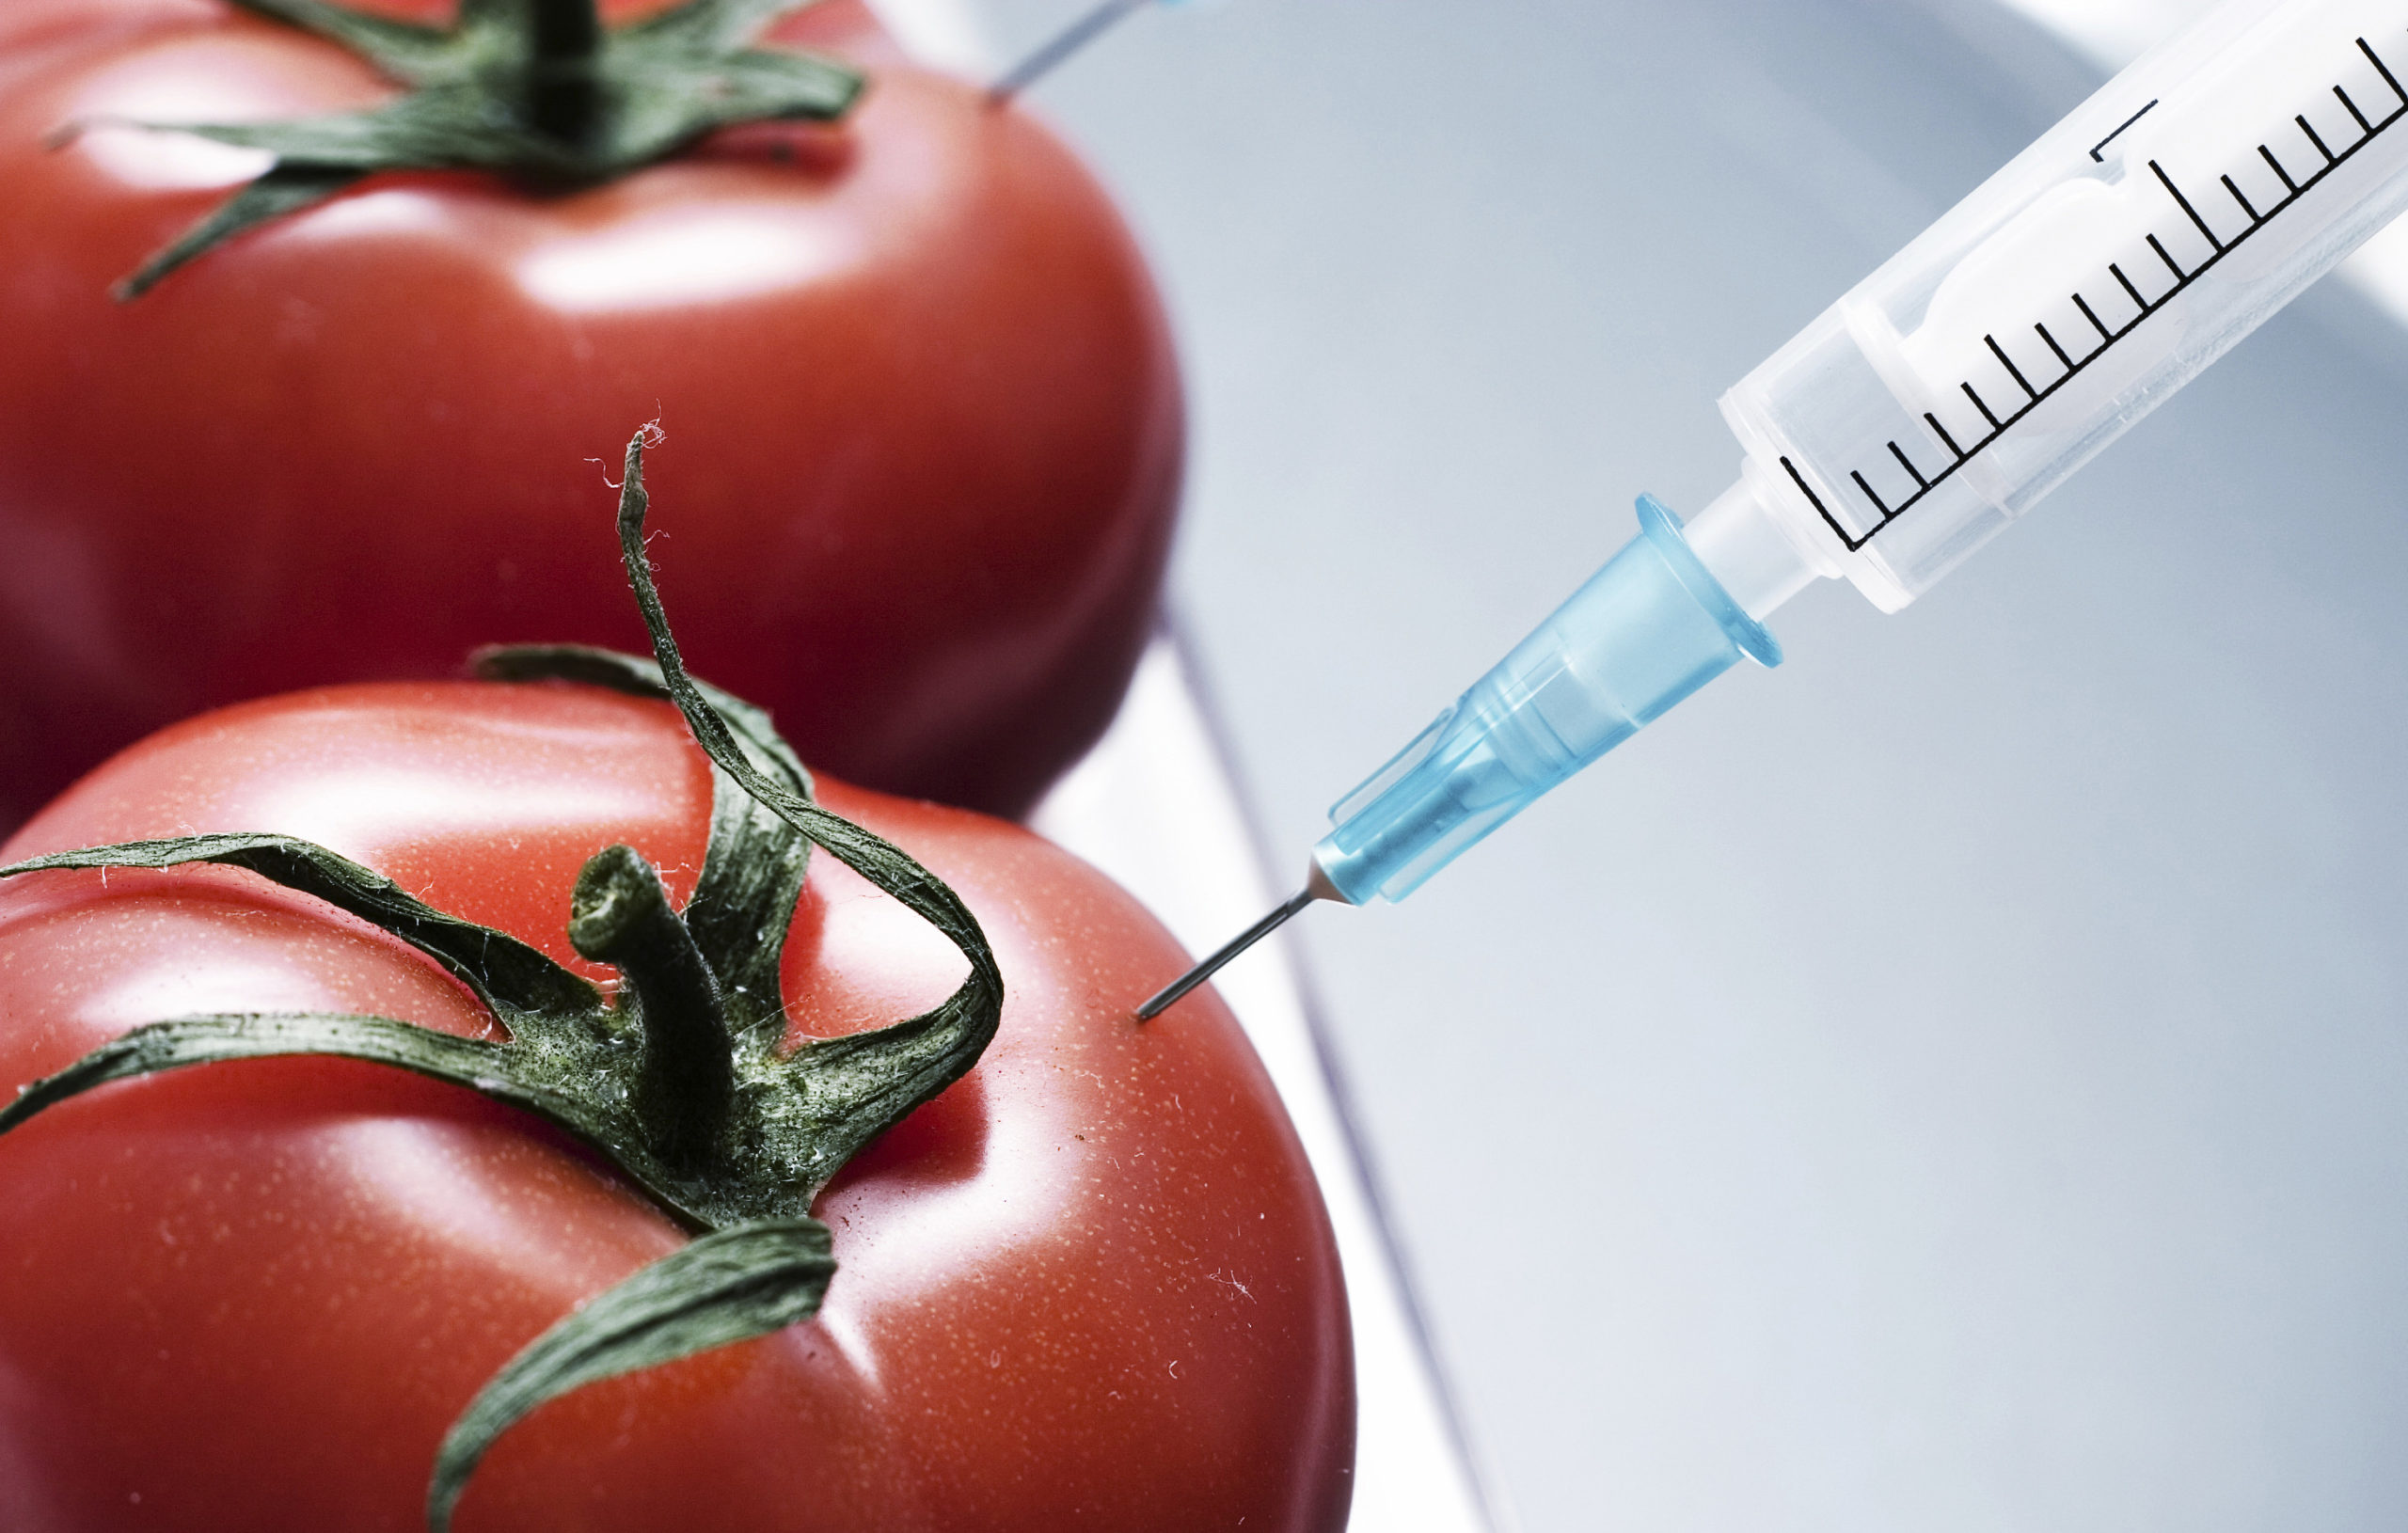 МИВТ предложил создать национальную базу генномодифицированных продуктов